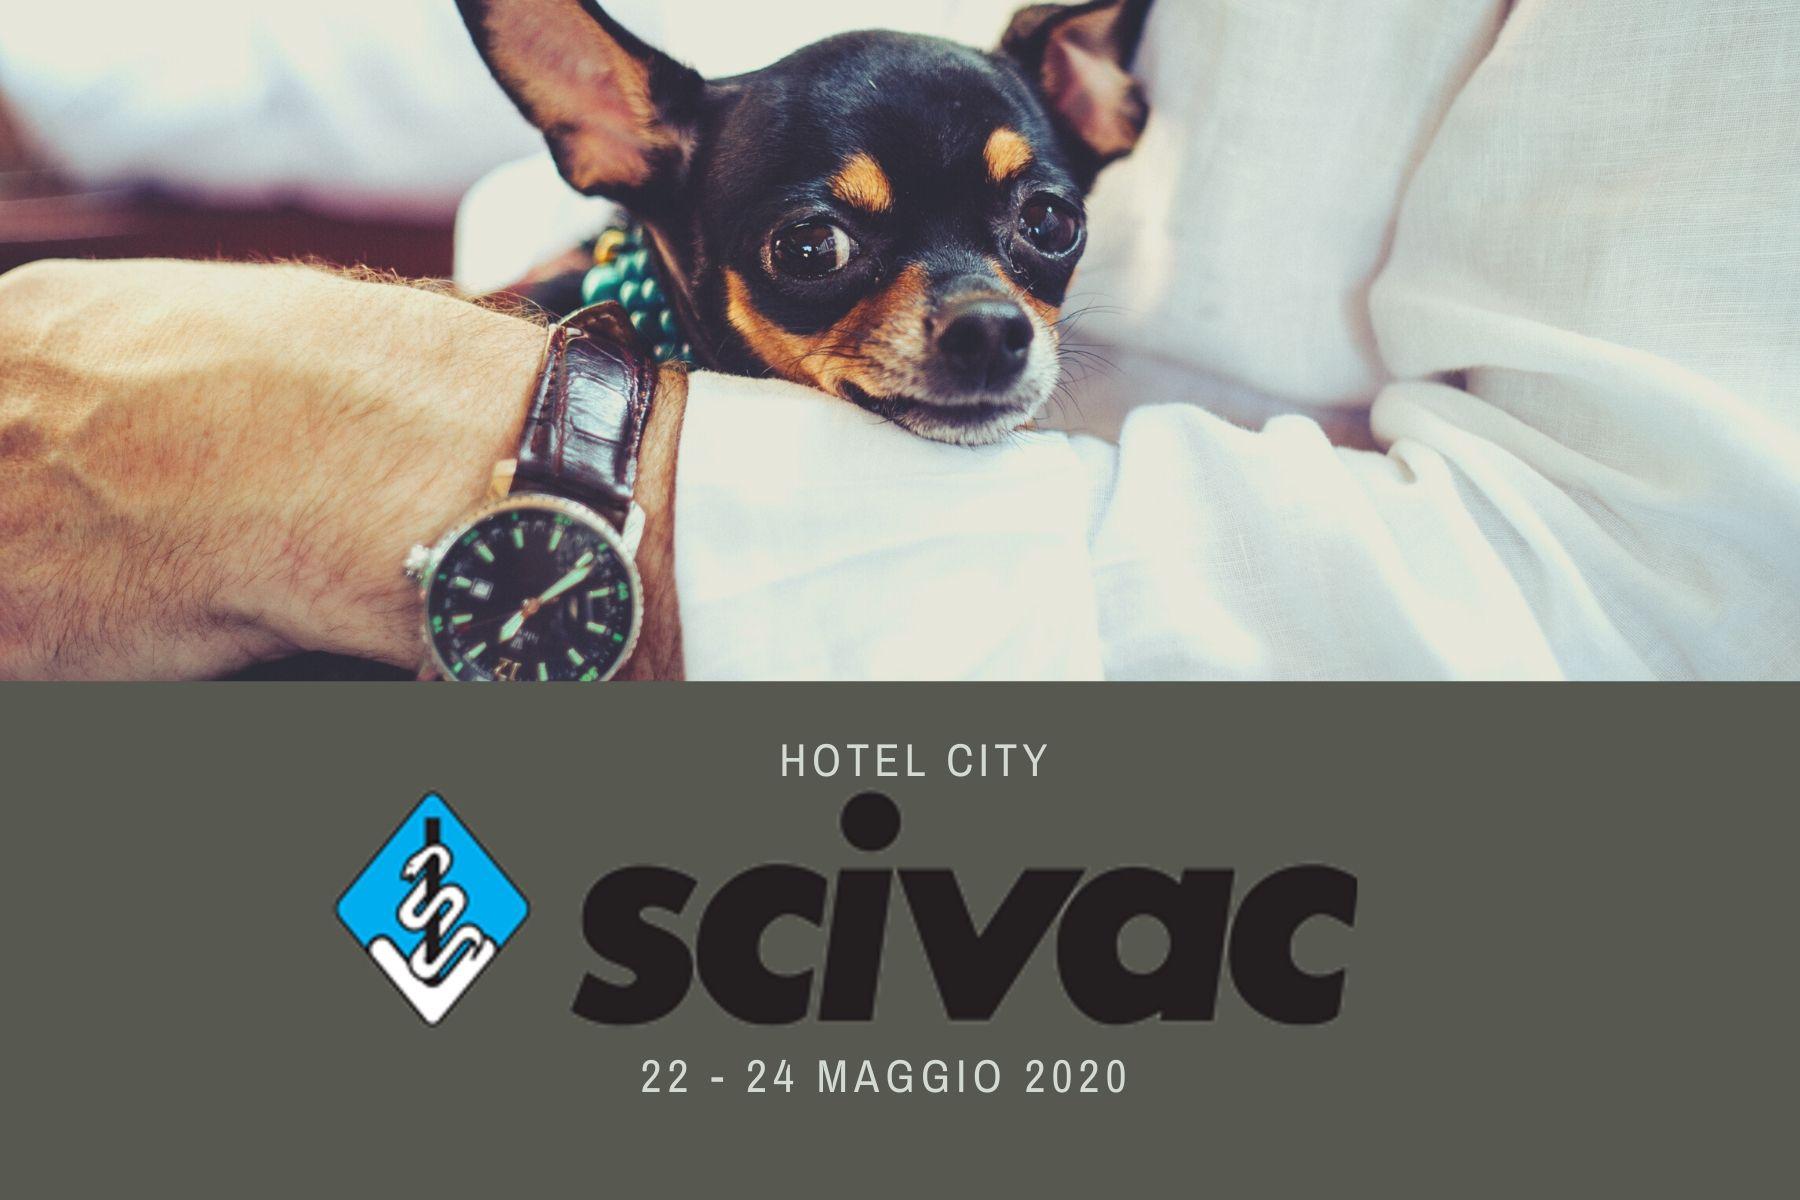 Offerta per l'89° Convegno Scivac che si terrà a Rimini dal 22 al 24 maggio!